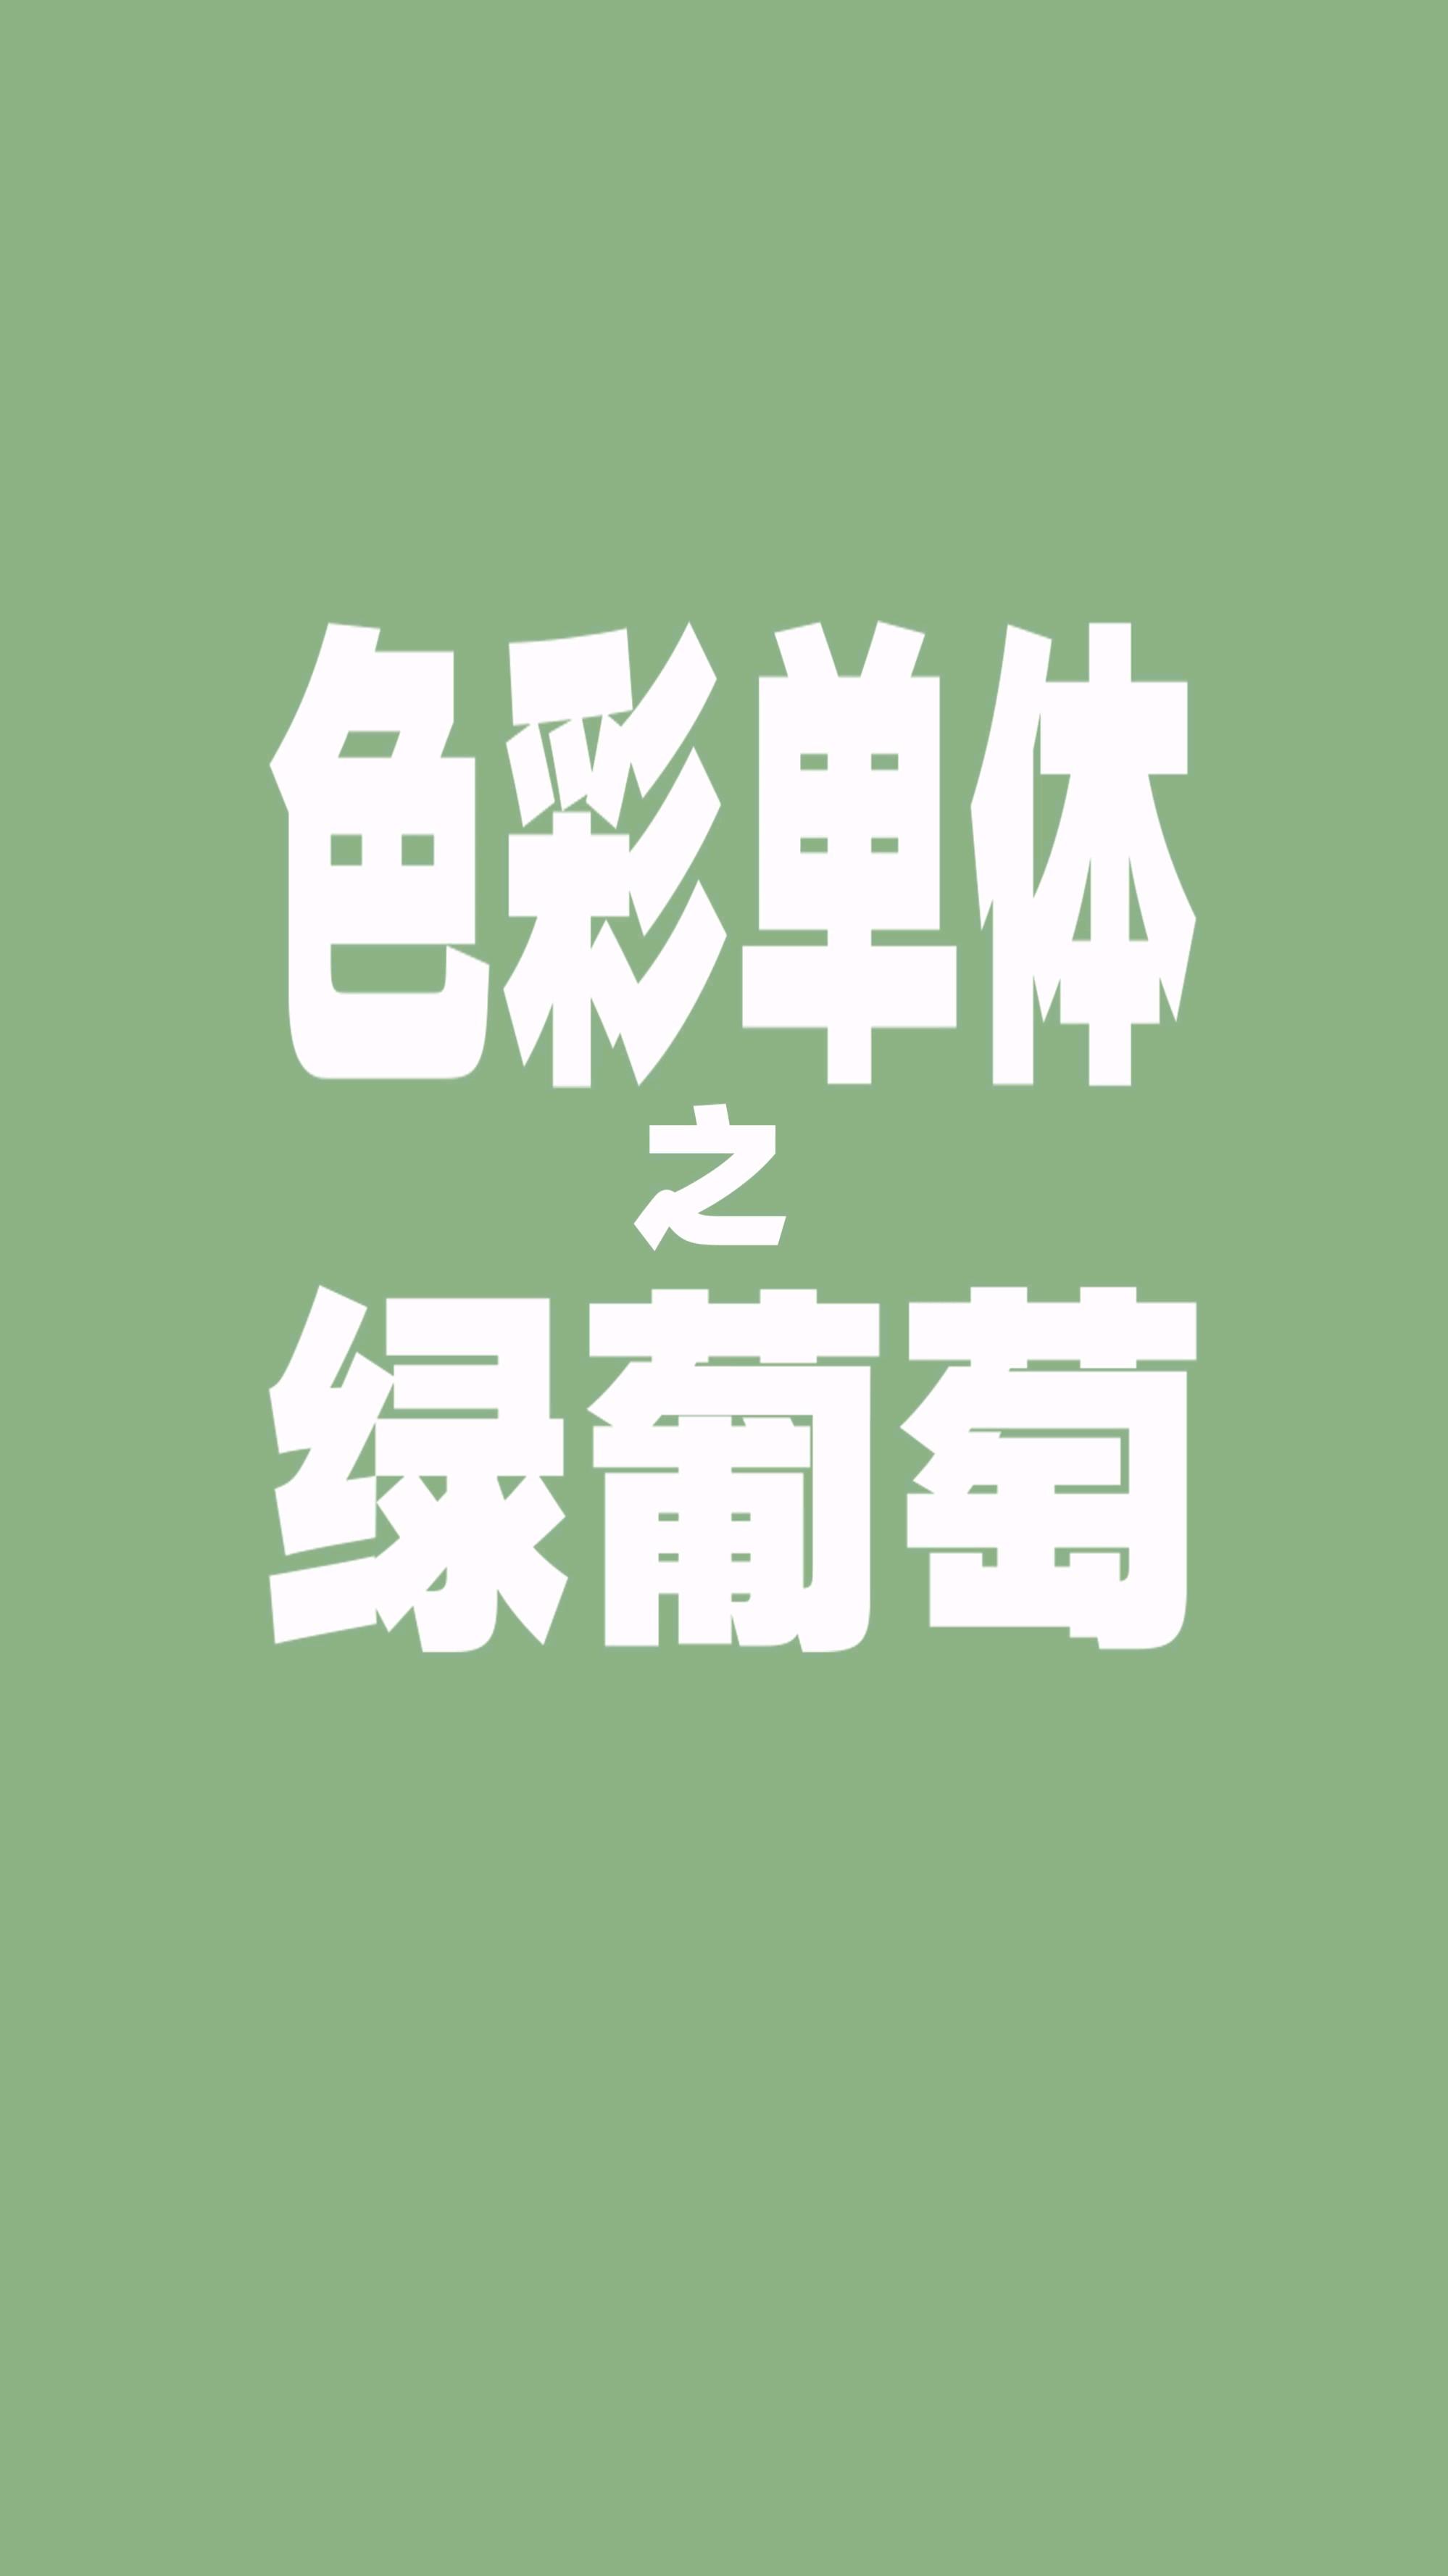 杭州将军画室|色彩单体之葡萄画法解析,详细步骤,注意要点,全在视频里,戳进来!